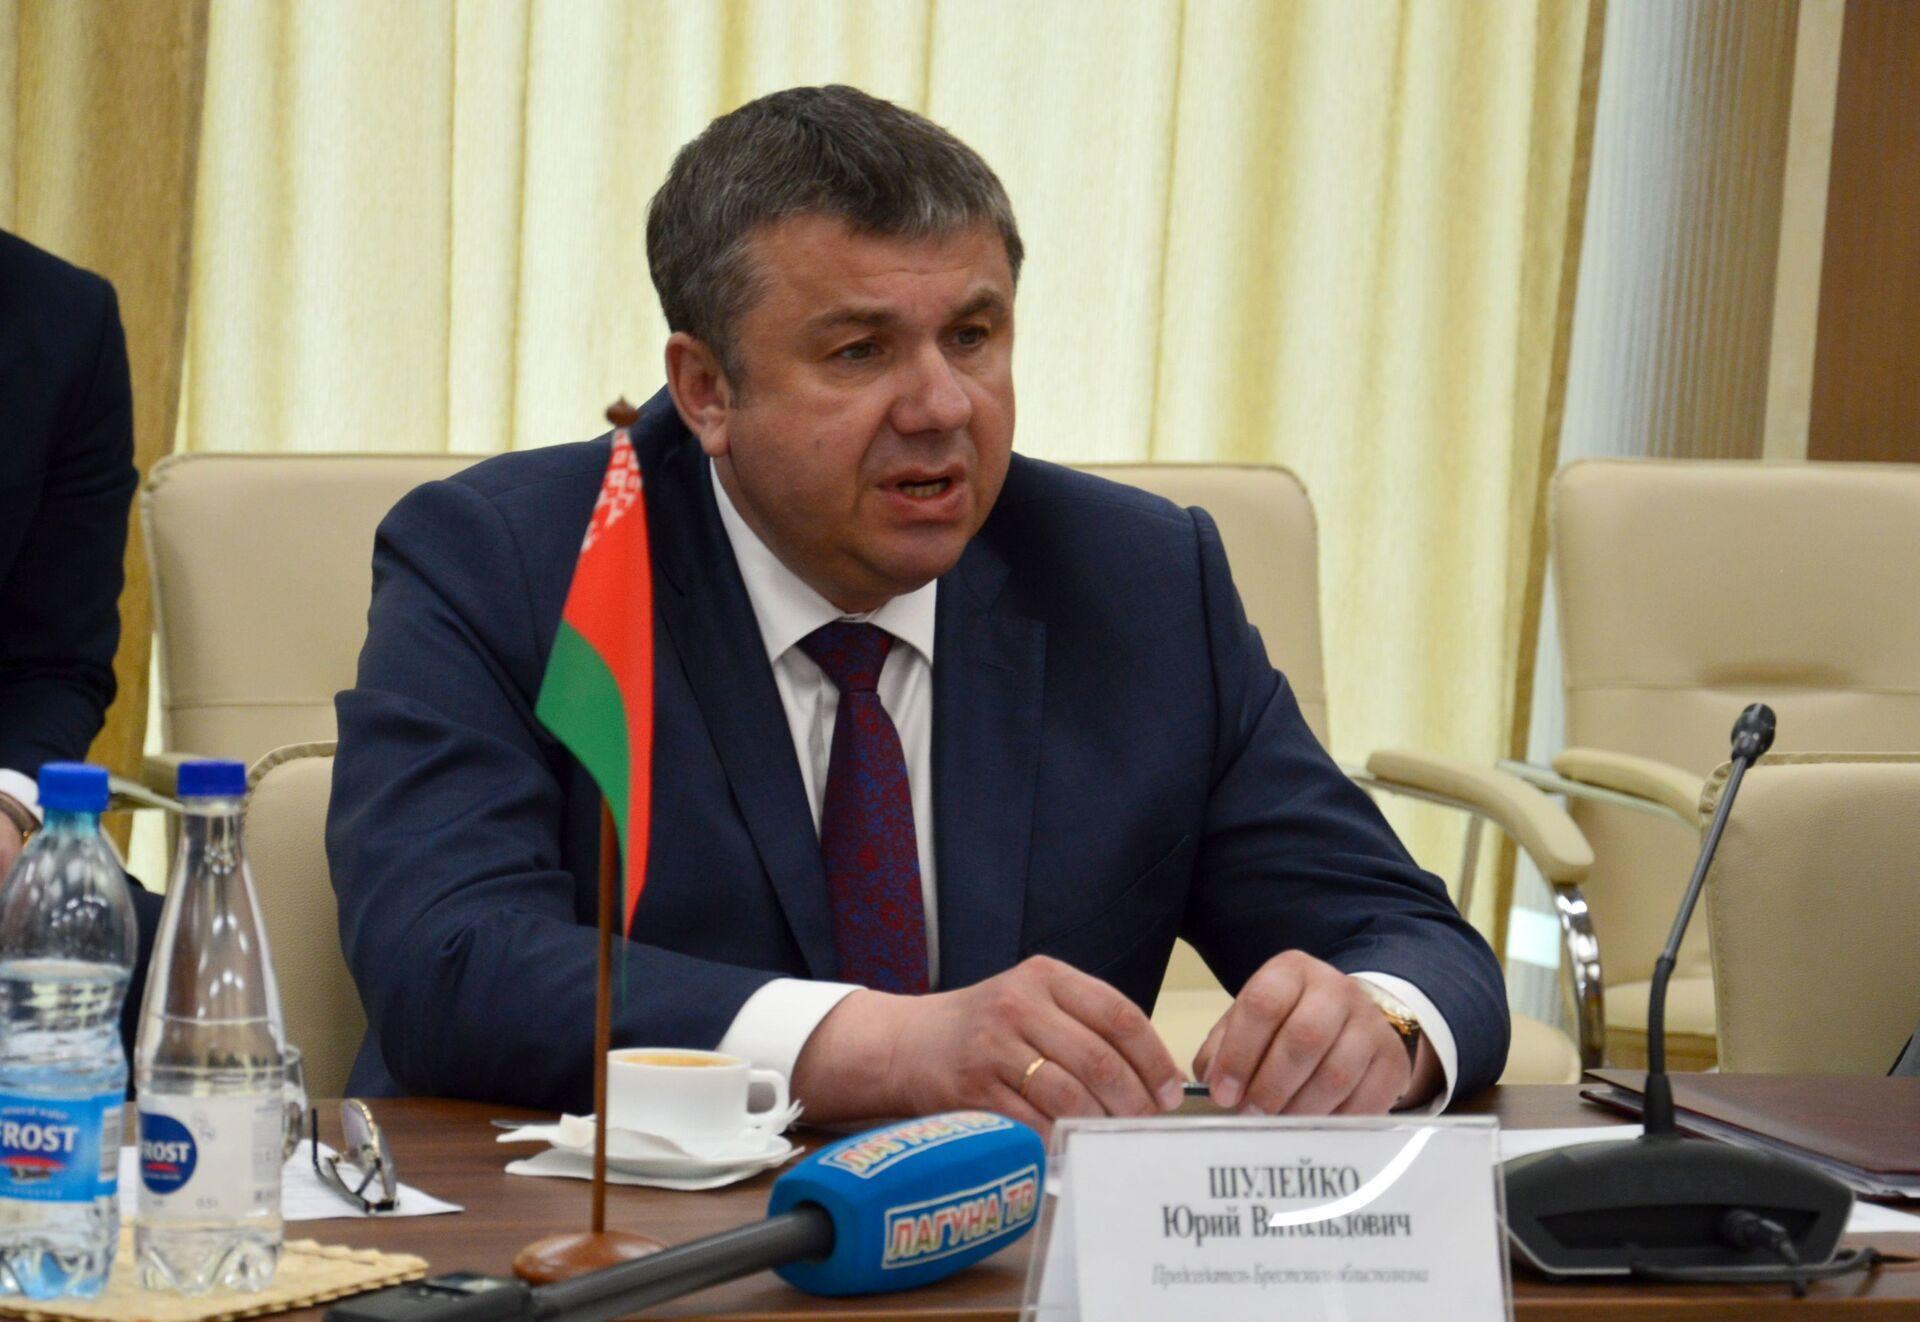 В области работают сотни предприятий с участием российского капитала, отметил губернатор Брестчины - Sputnik Беларусь, 1920, 29.06.2021